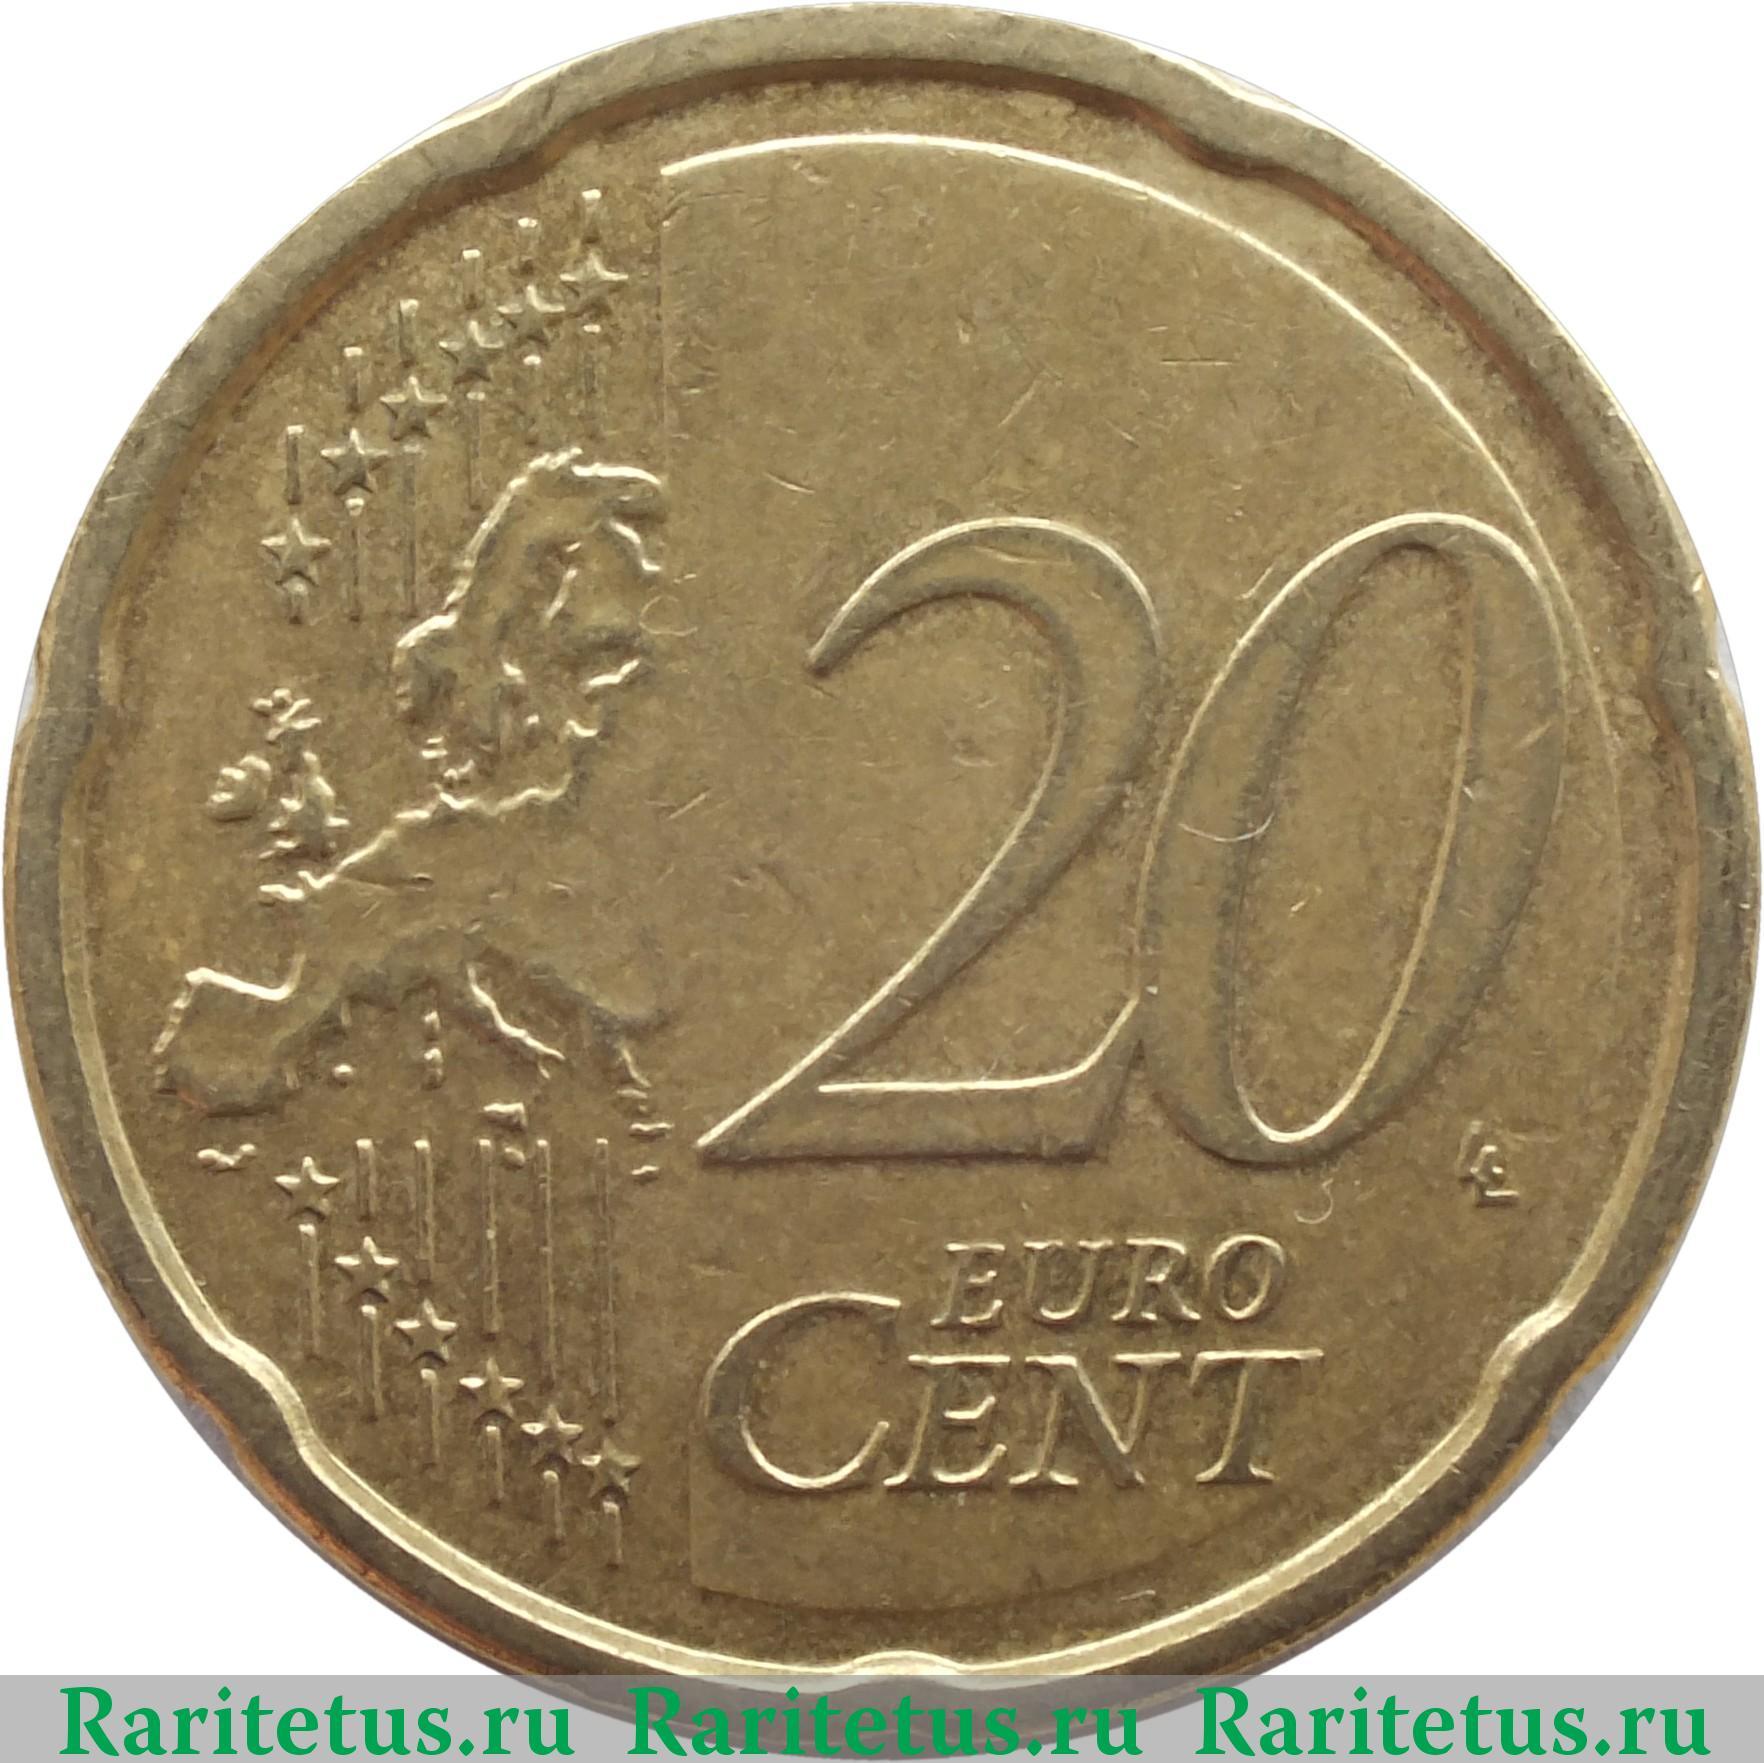 Монета euro cent 20 2011 года ее ценность 5 копеек 1773 года стоимость